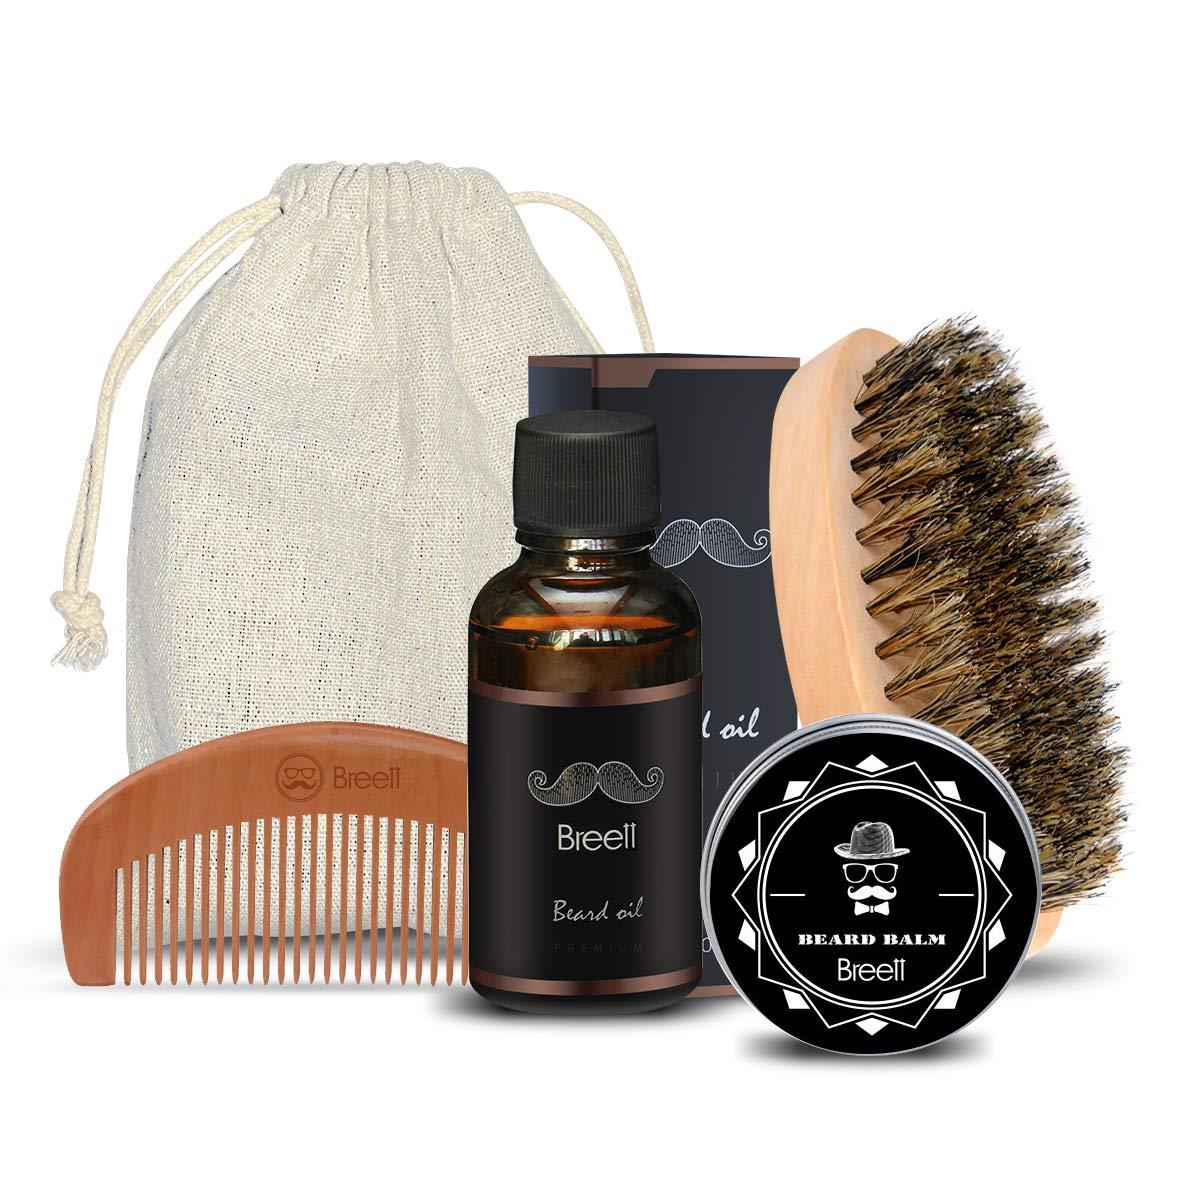 Kit Barbe pour la Barbe Beauté, une Brosse Barbe en soie de porc, une Peigne de Barbe en bois naturel pur, une Huile de Barbe et une Pommade de Barbe product image